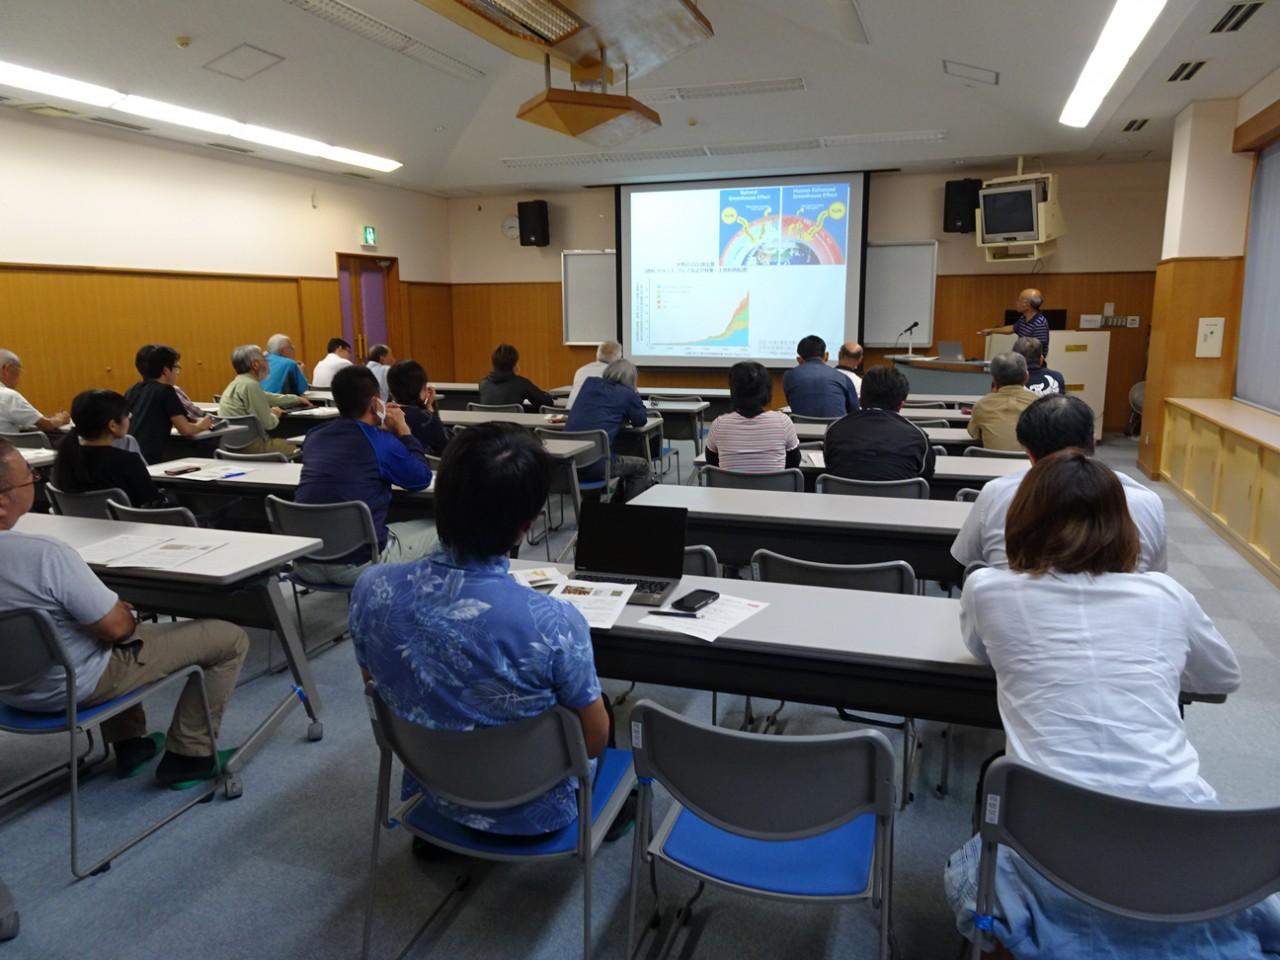 第47回熱研市民公開講座にて熱心に聴講する市民